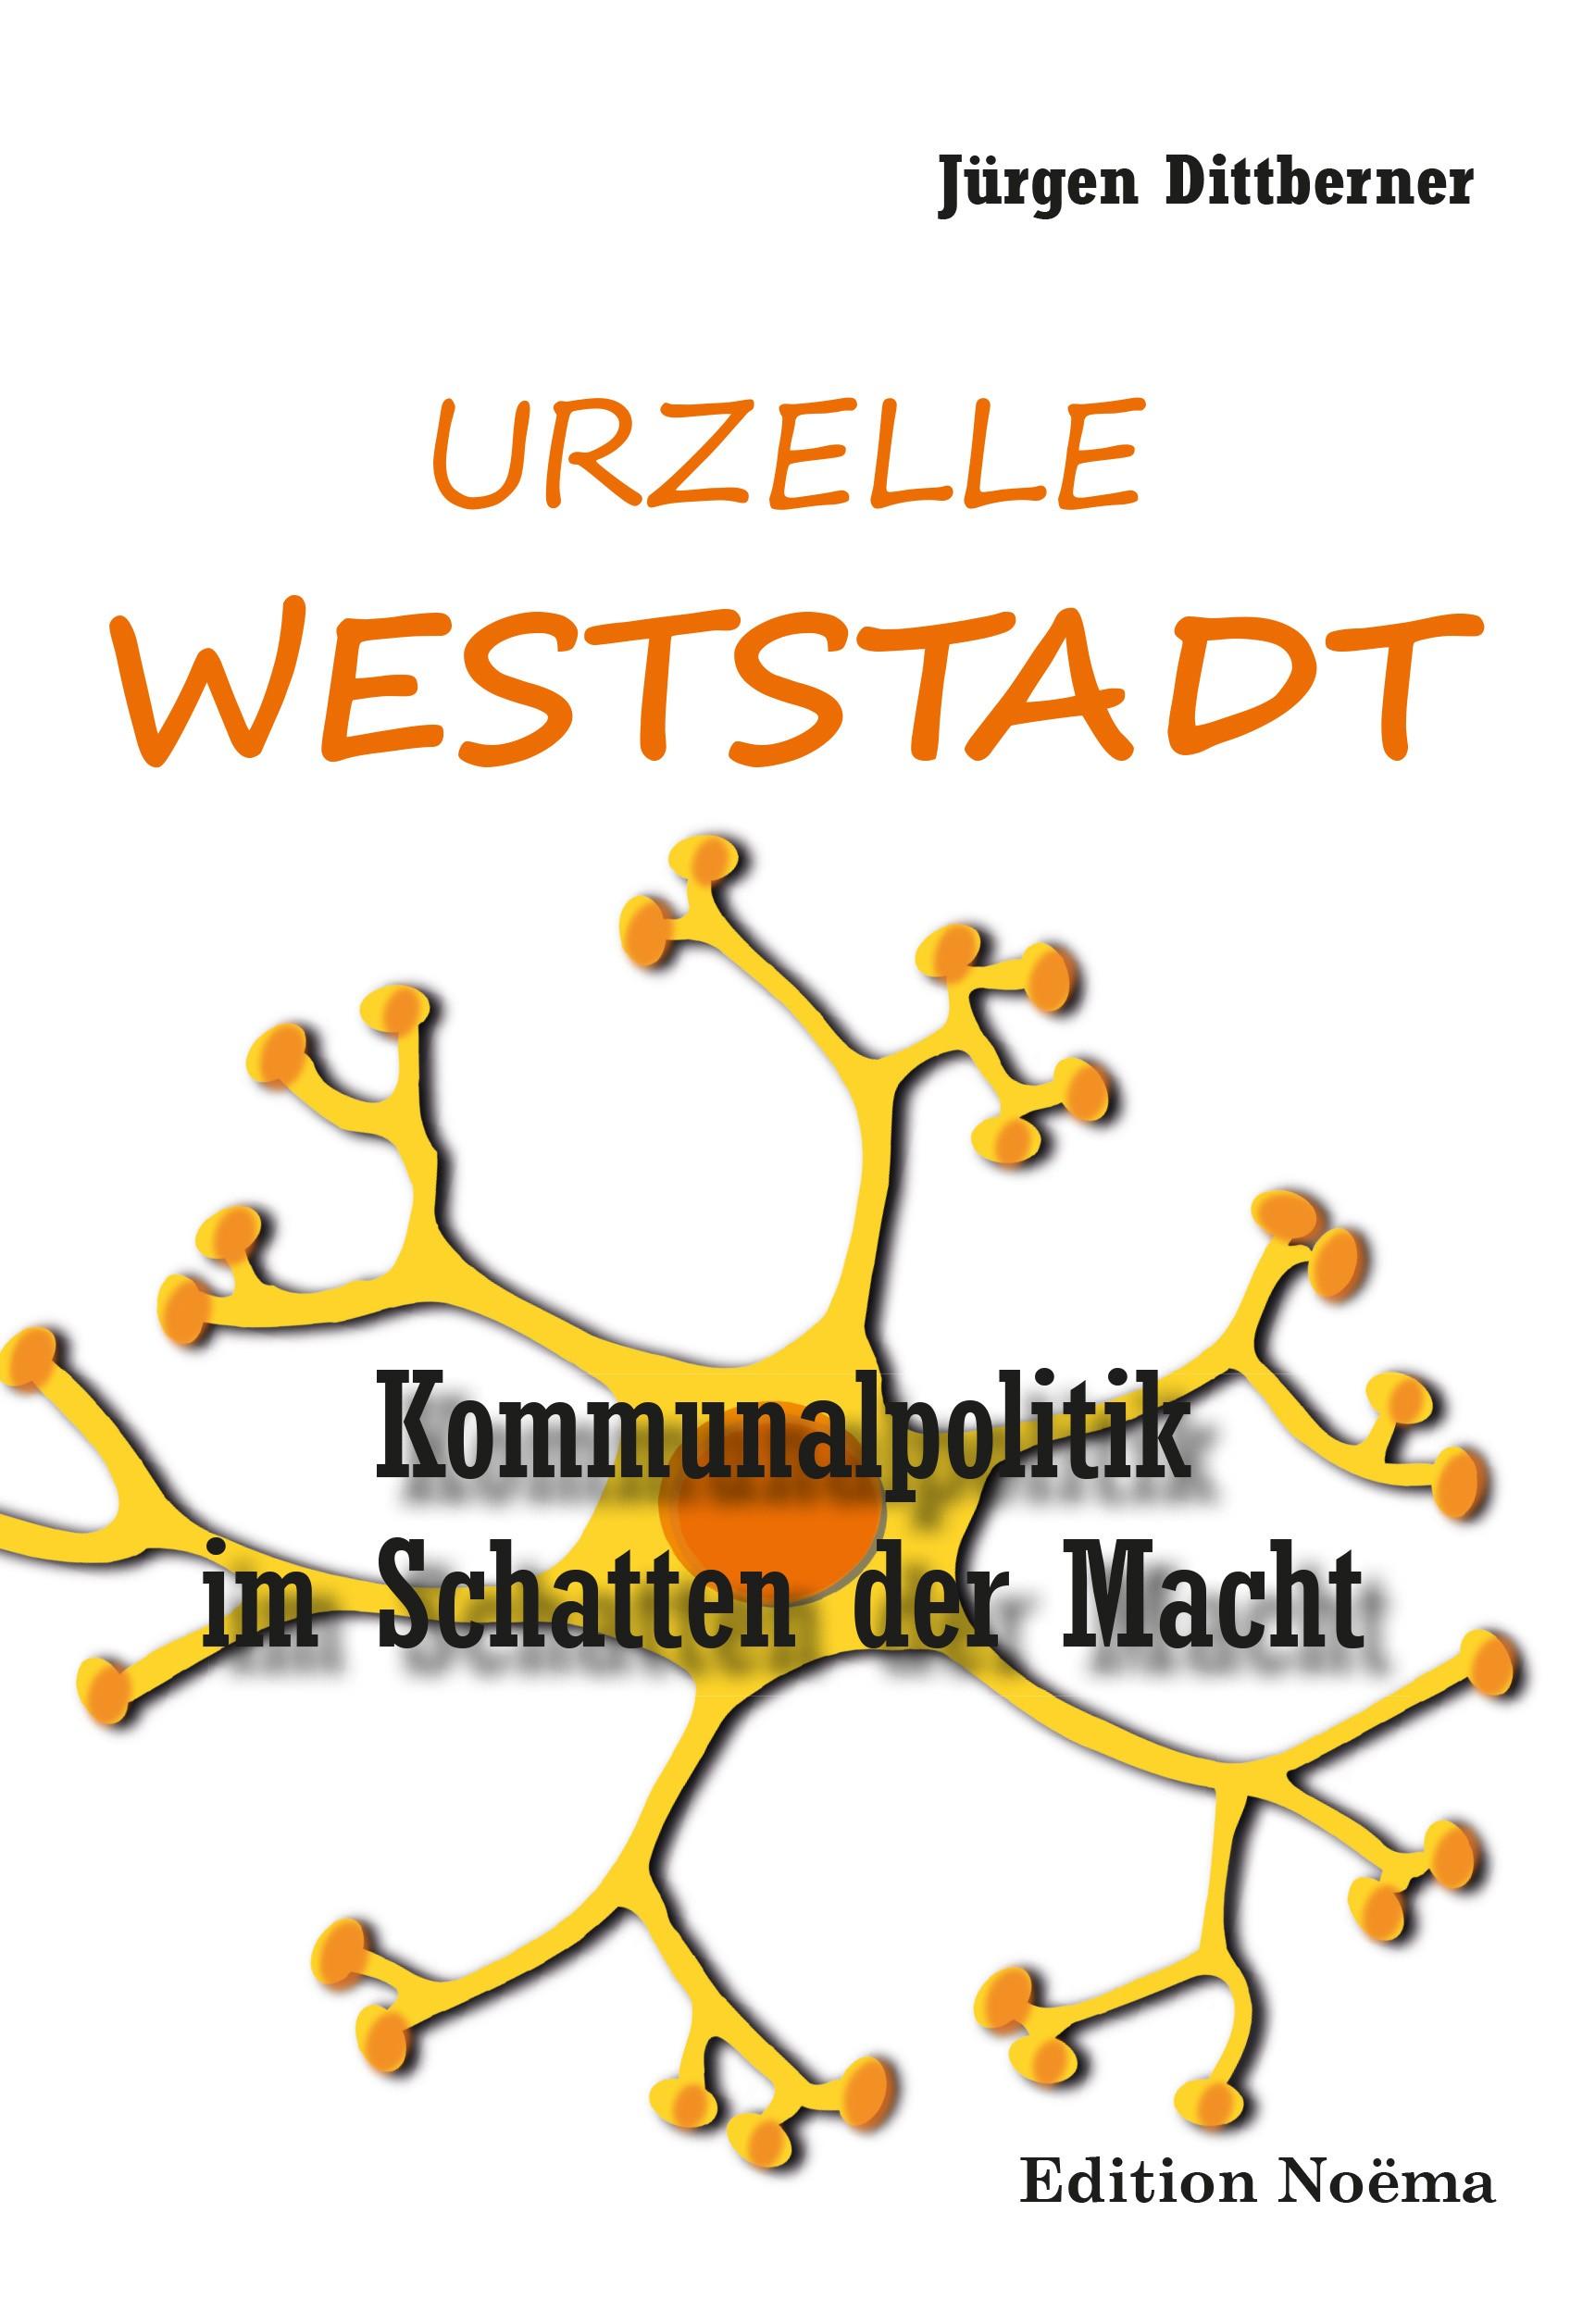 Die Urzelle 'Weststadt'